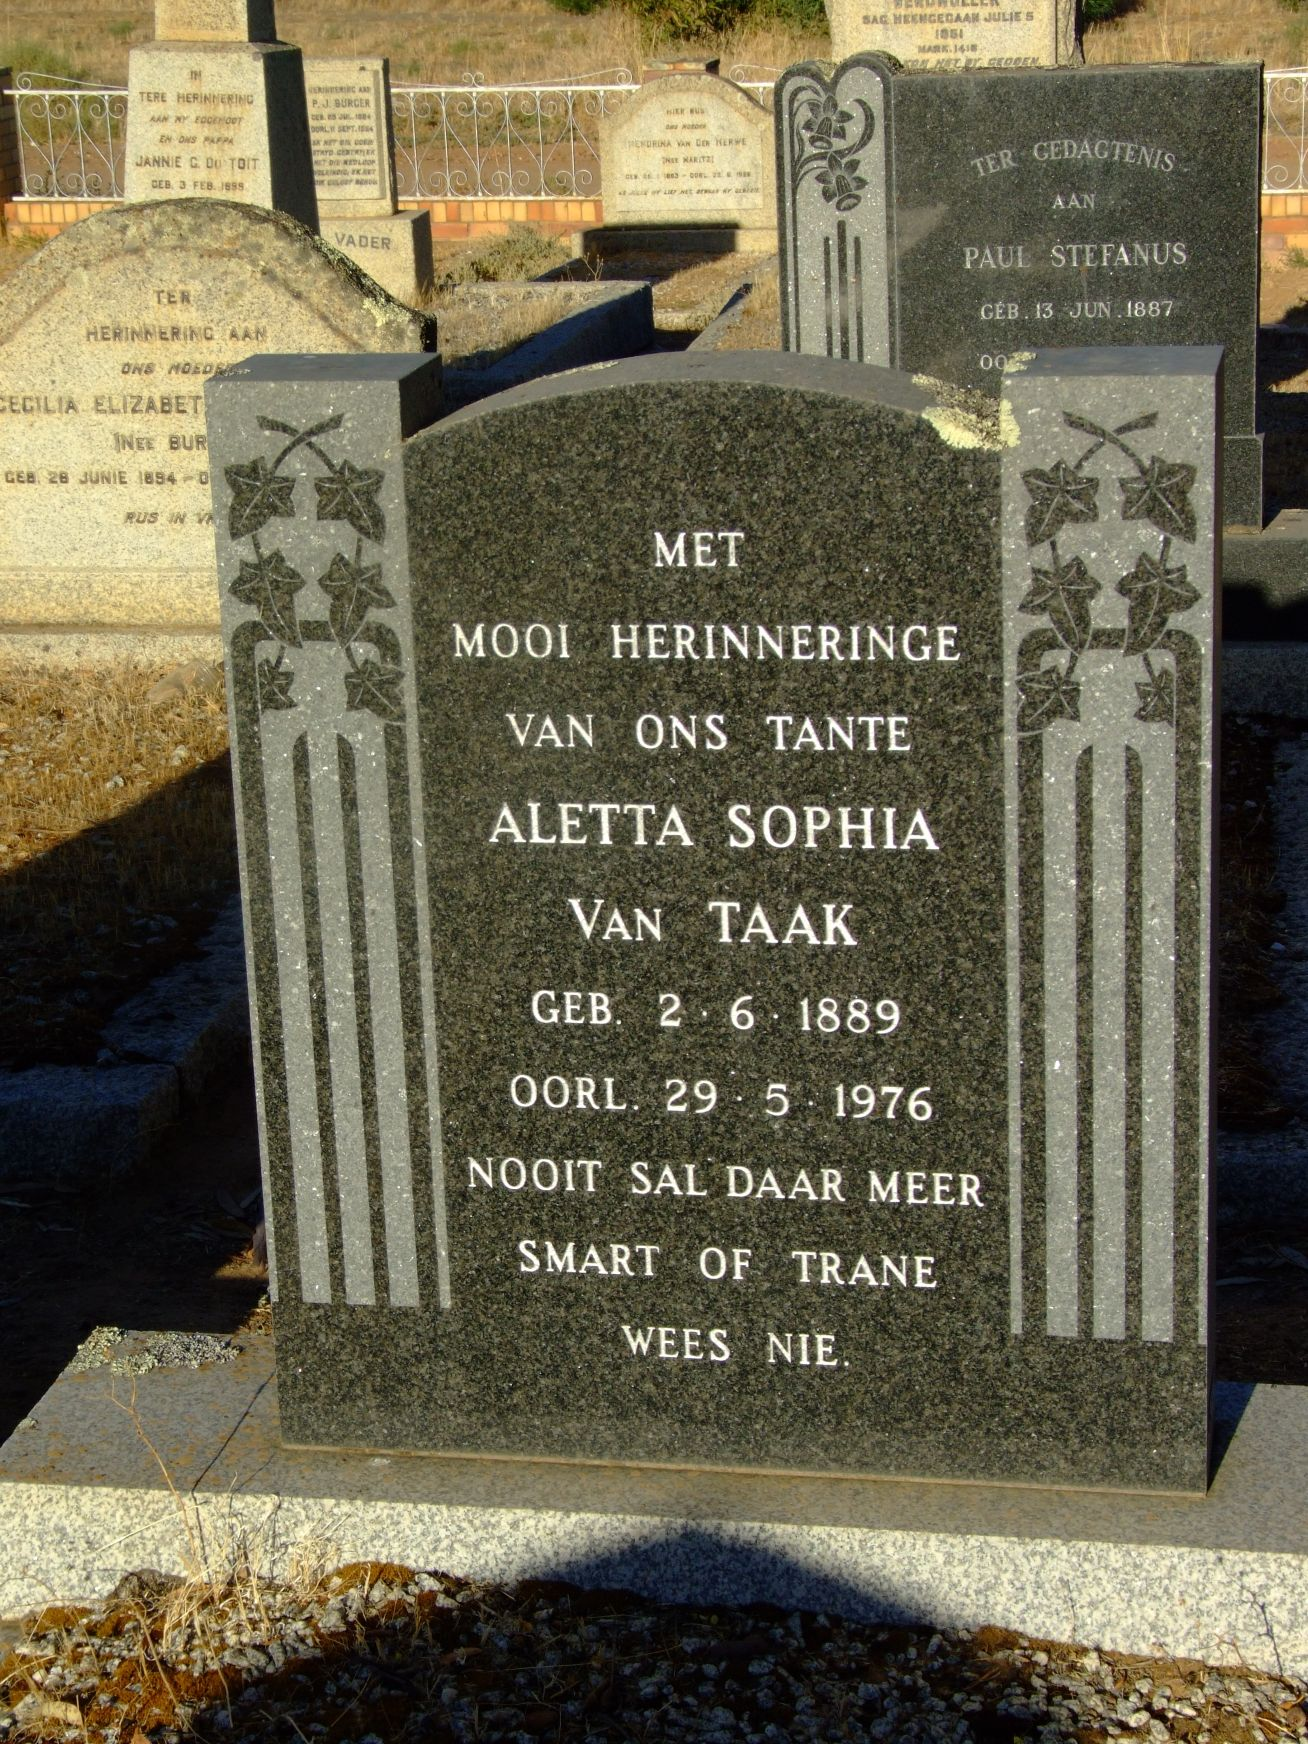 Van Taak, Aletta Sophia